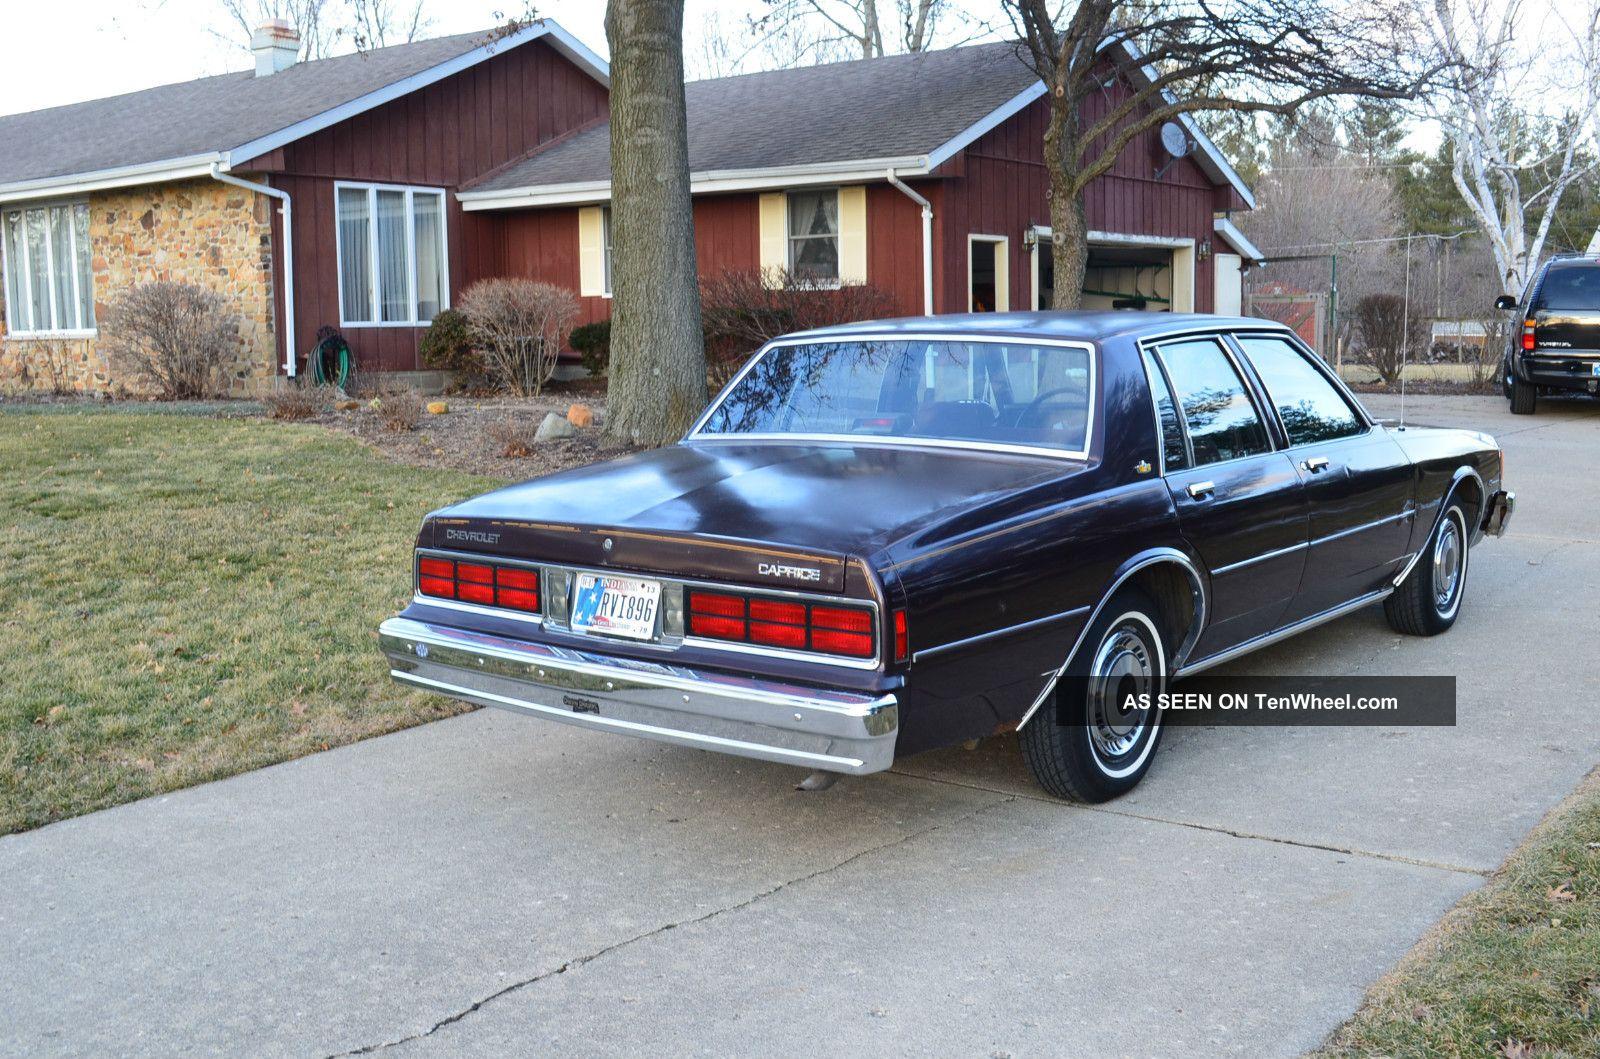 1985 Chevrolet Caprice Classic Sedan 4  Door 4. 3l Caprice photo 3